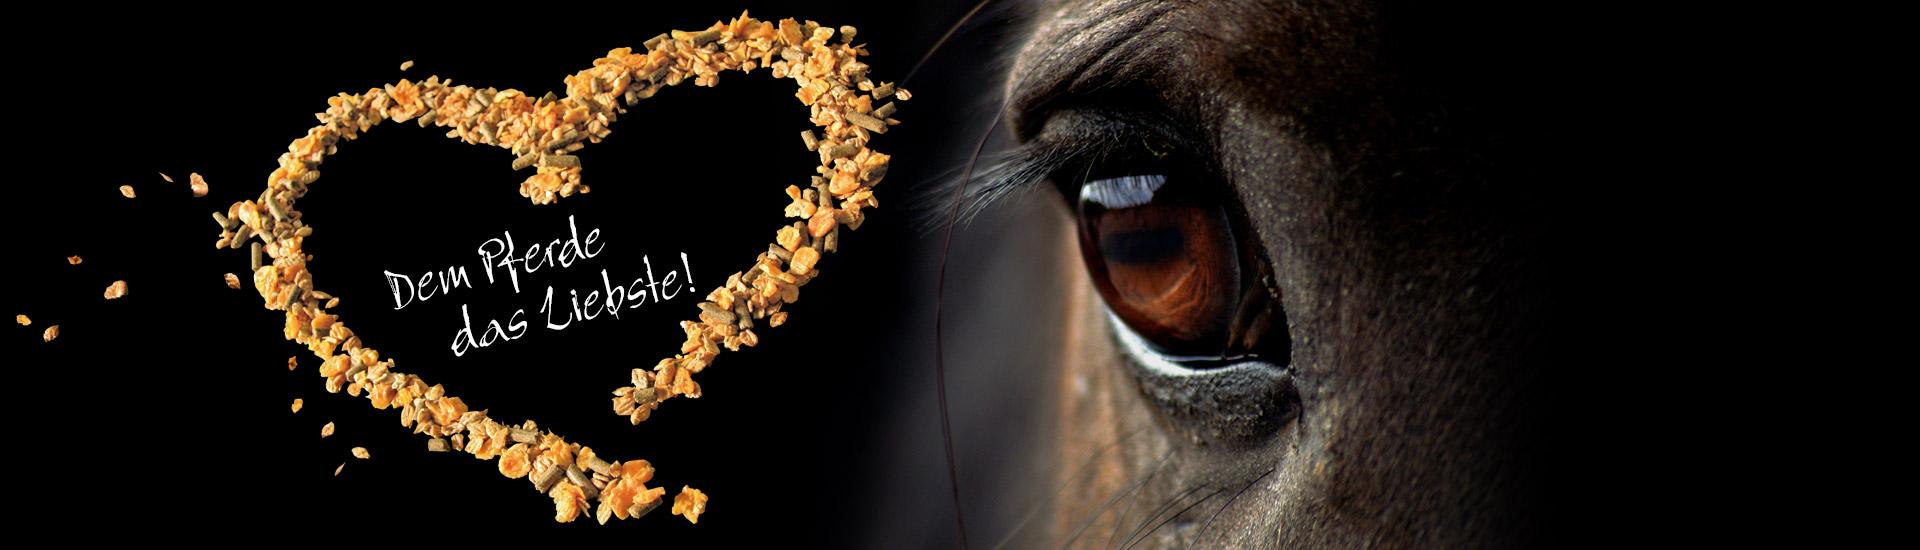 Dem Pferde das Liebste